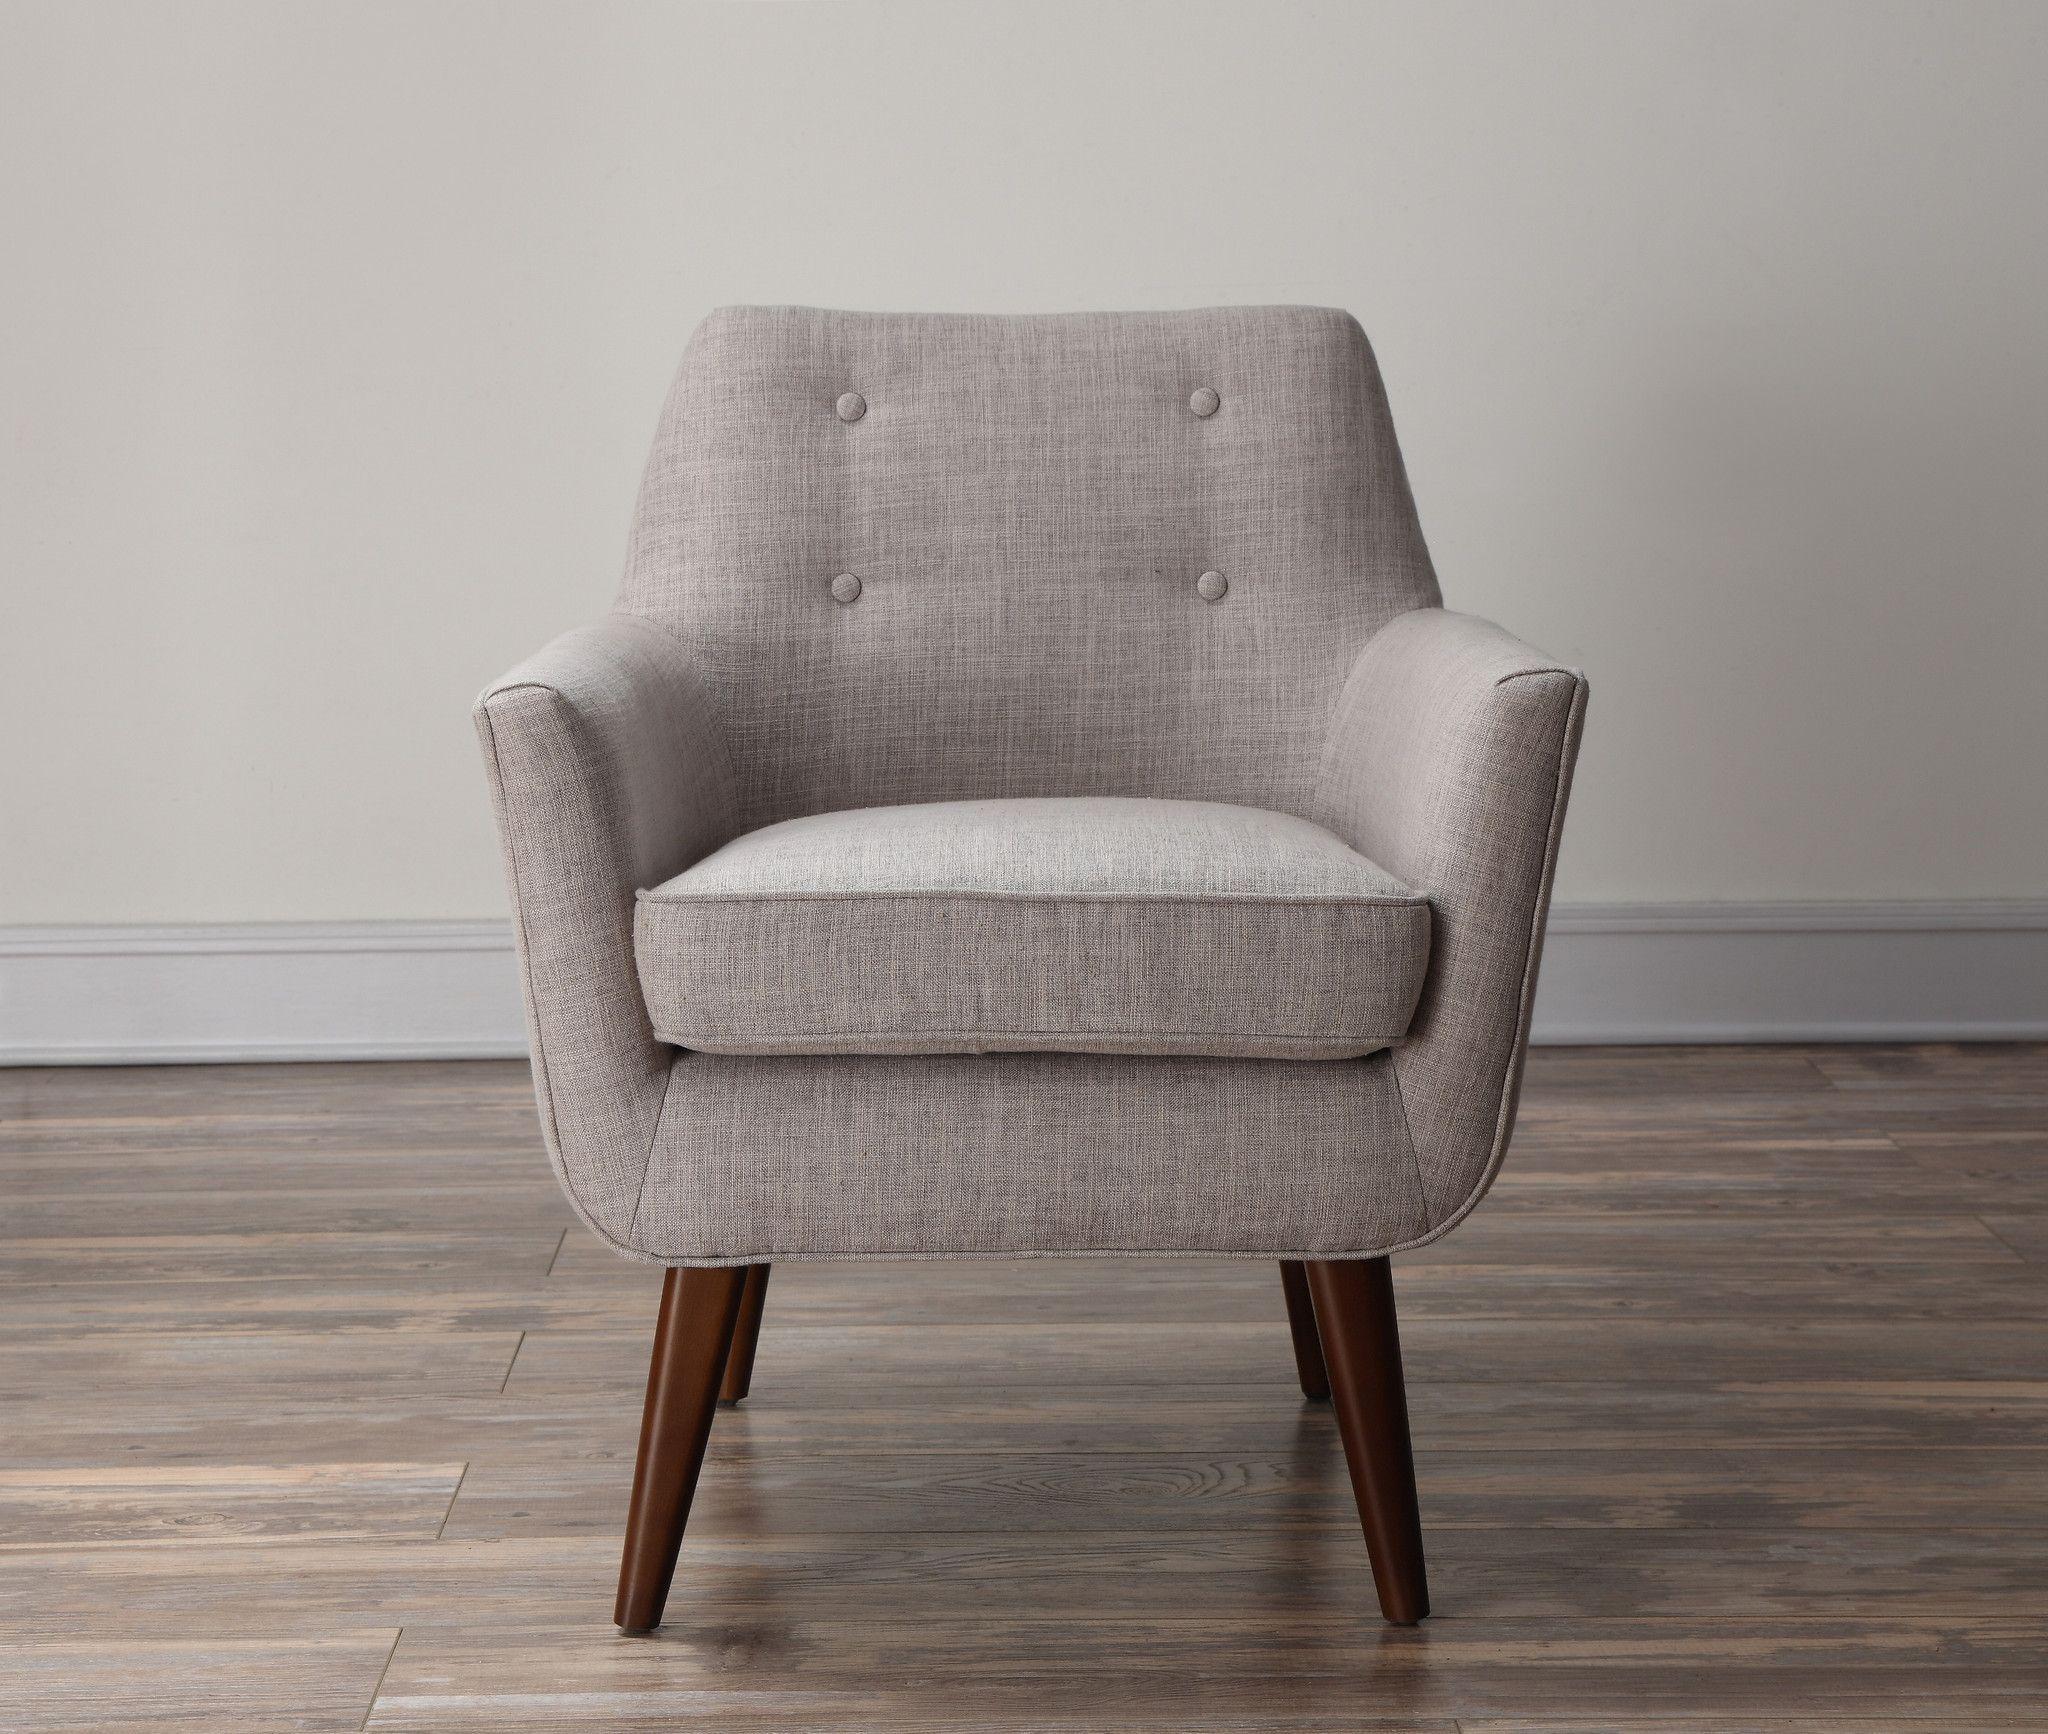 Tov Furniture Modern Clyde Beige Linen Chair Tov A38 B